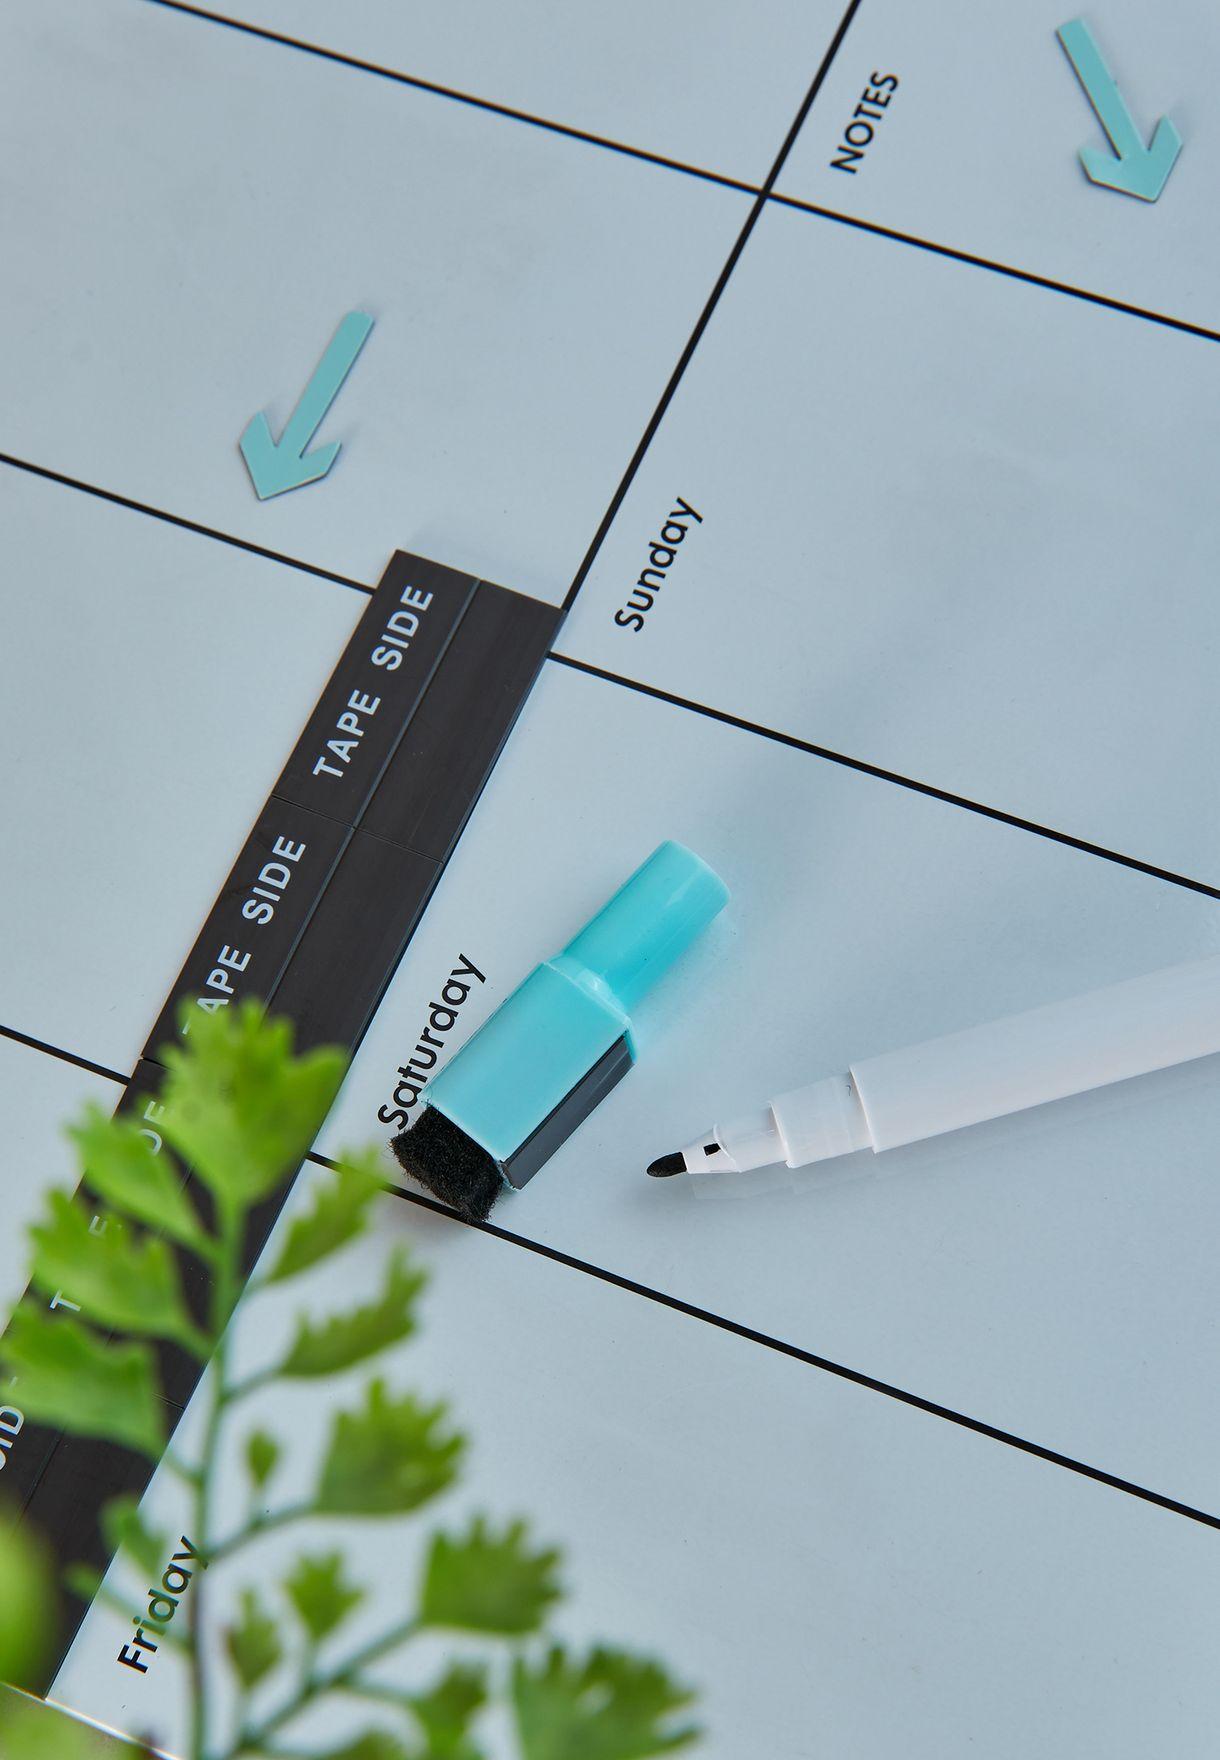 Whiteboard + Marker